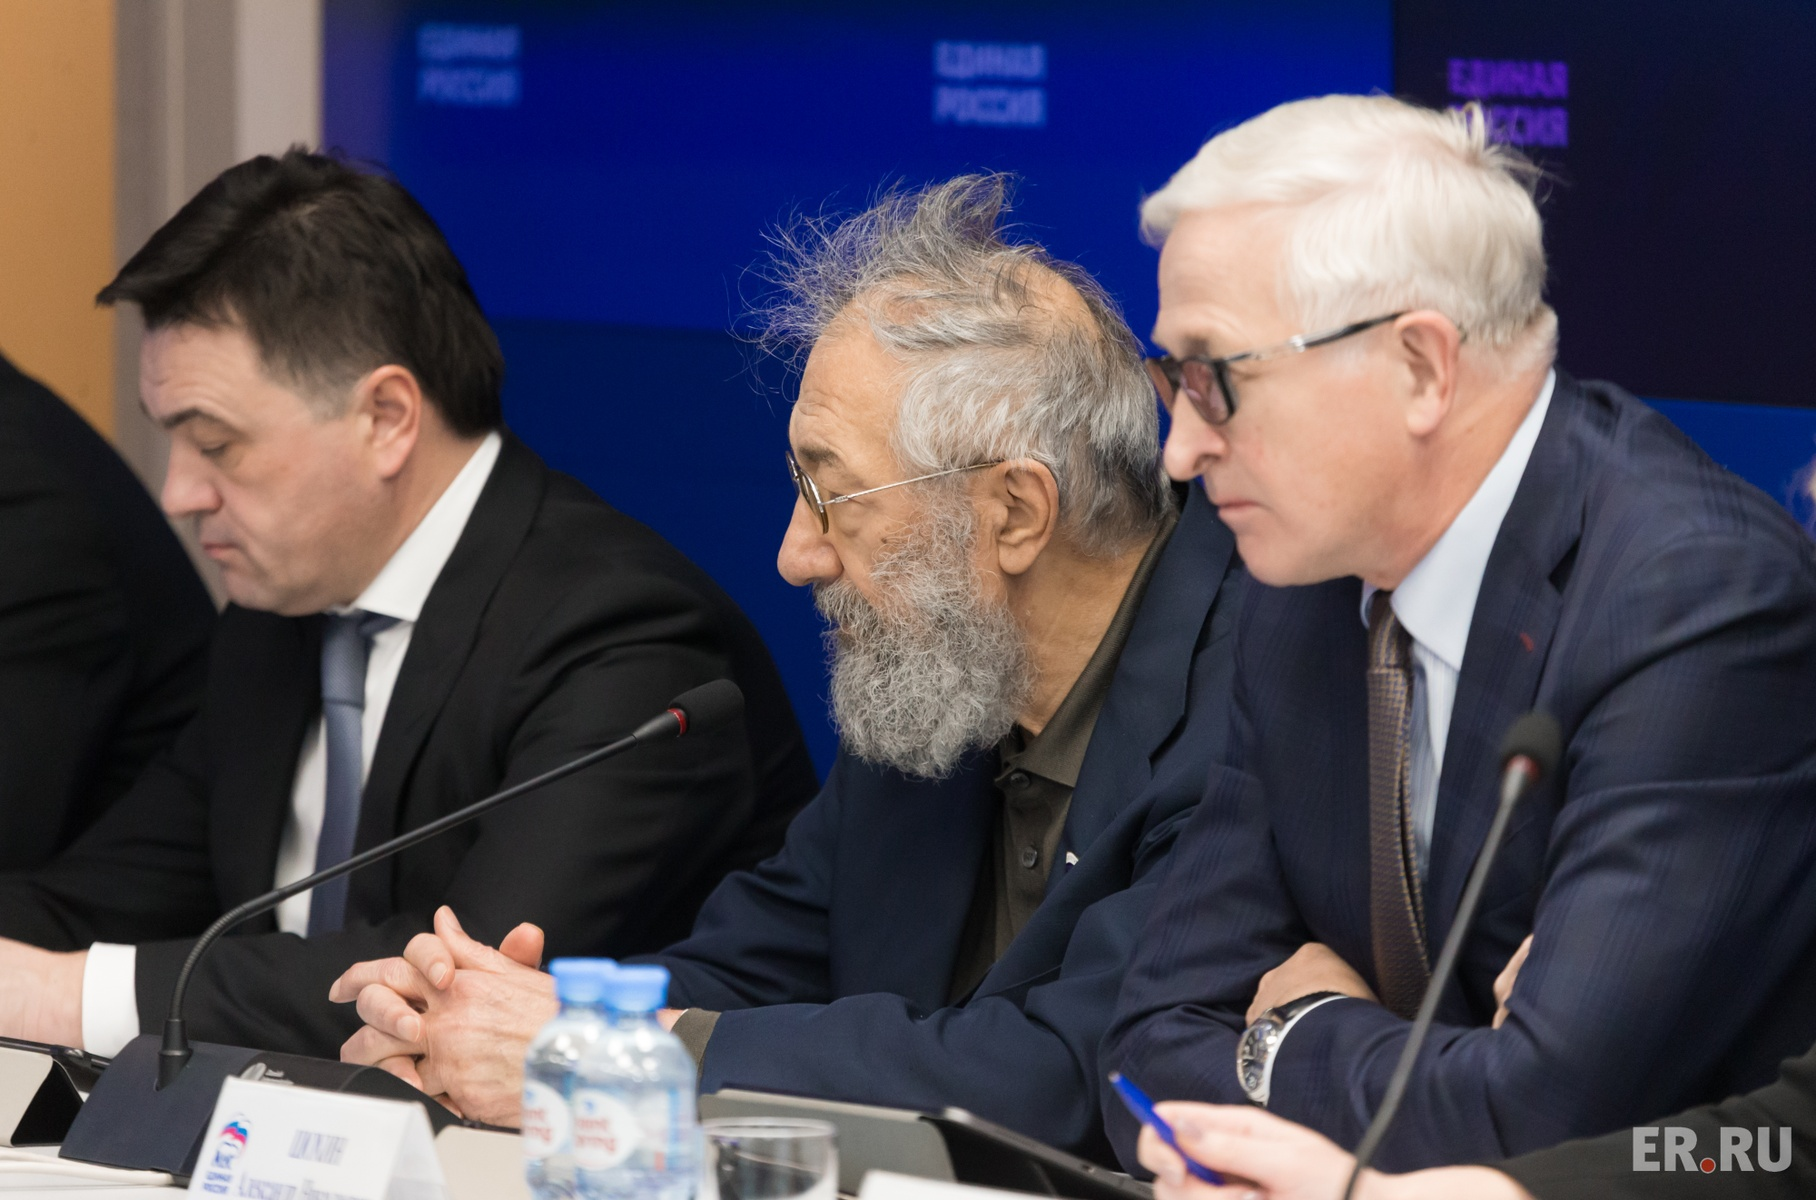 Дмитрий Медведев провел заседание Бюро Высшего совета Партии